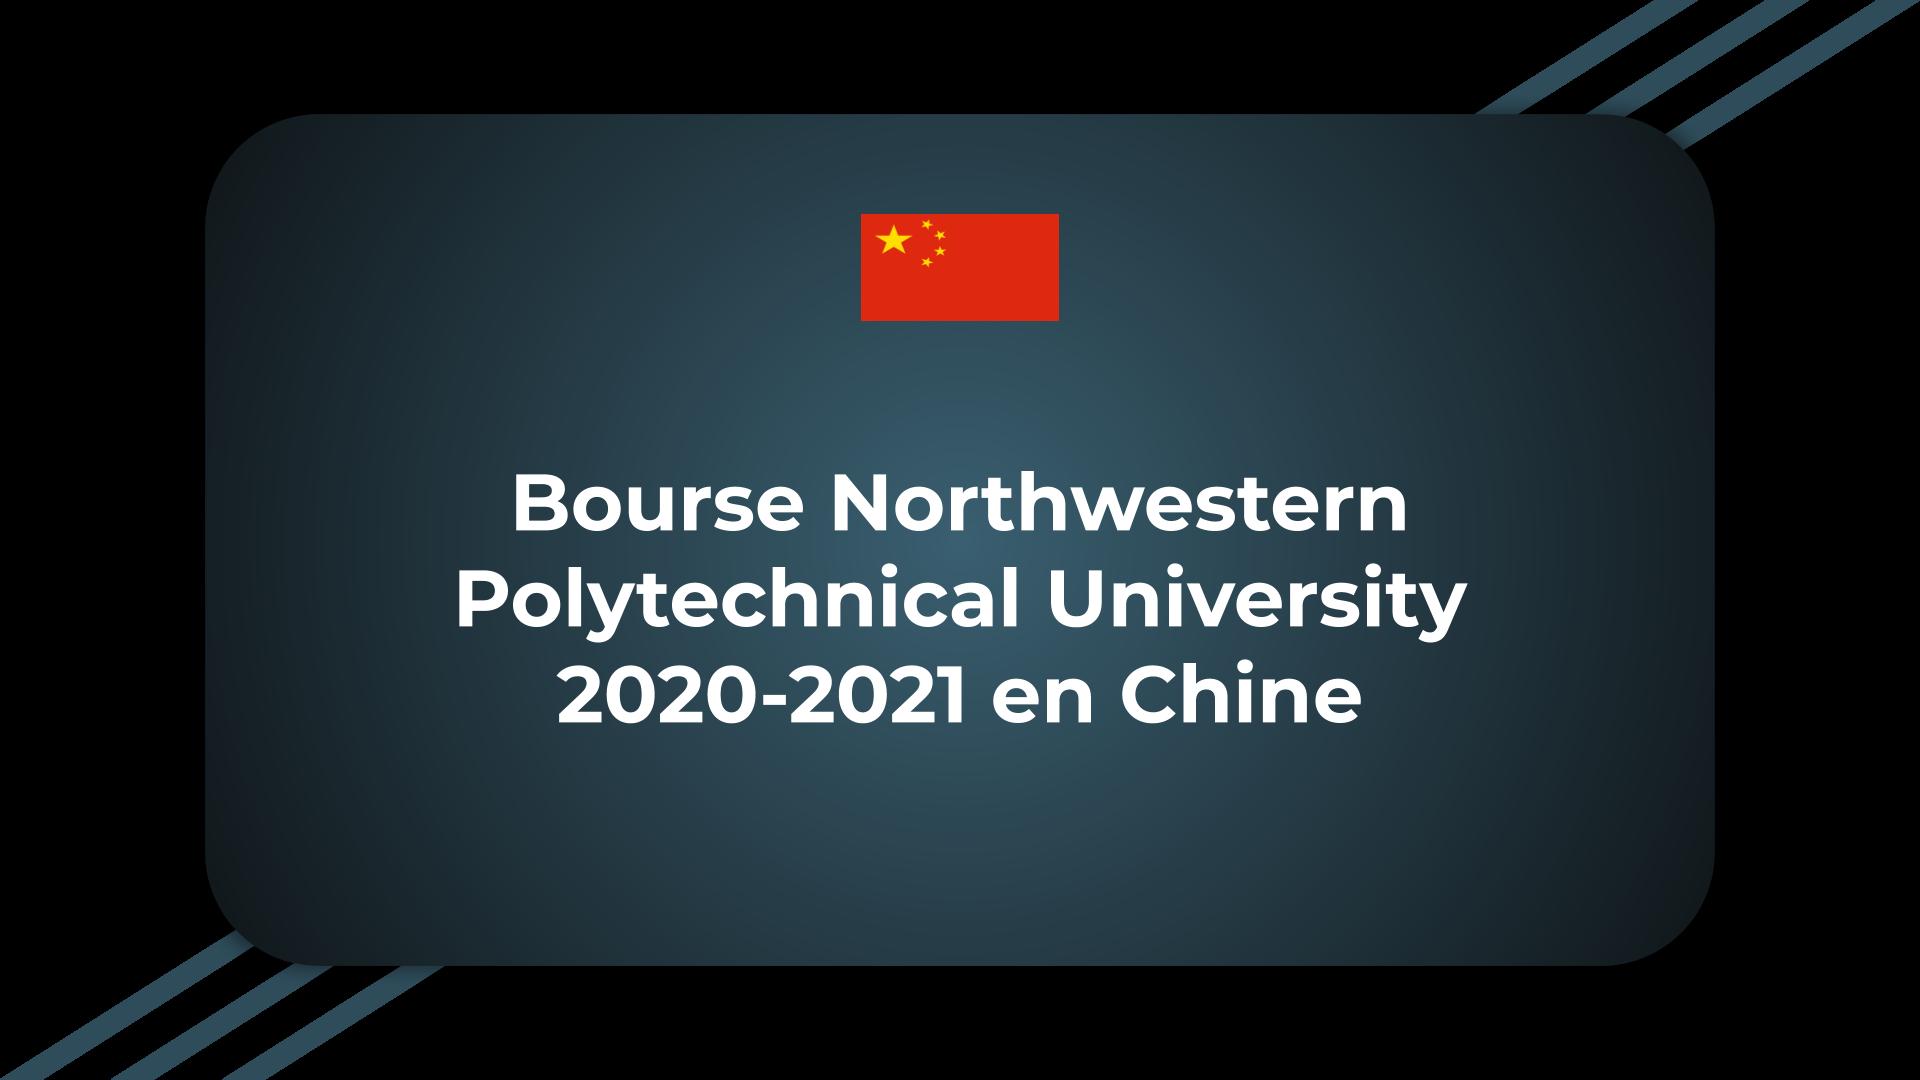 Bourse Northwestern Polytechnical University